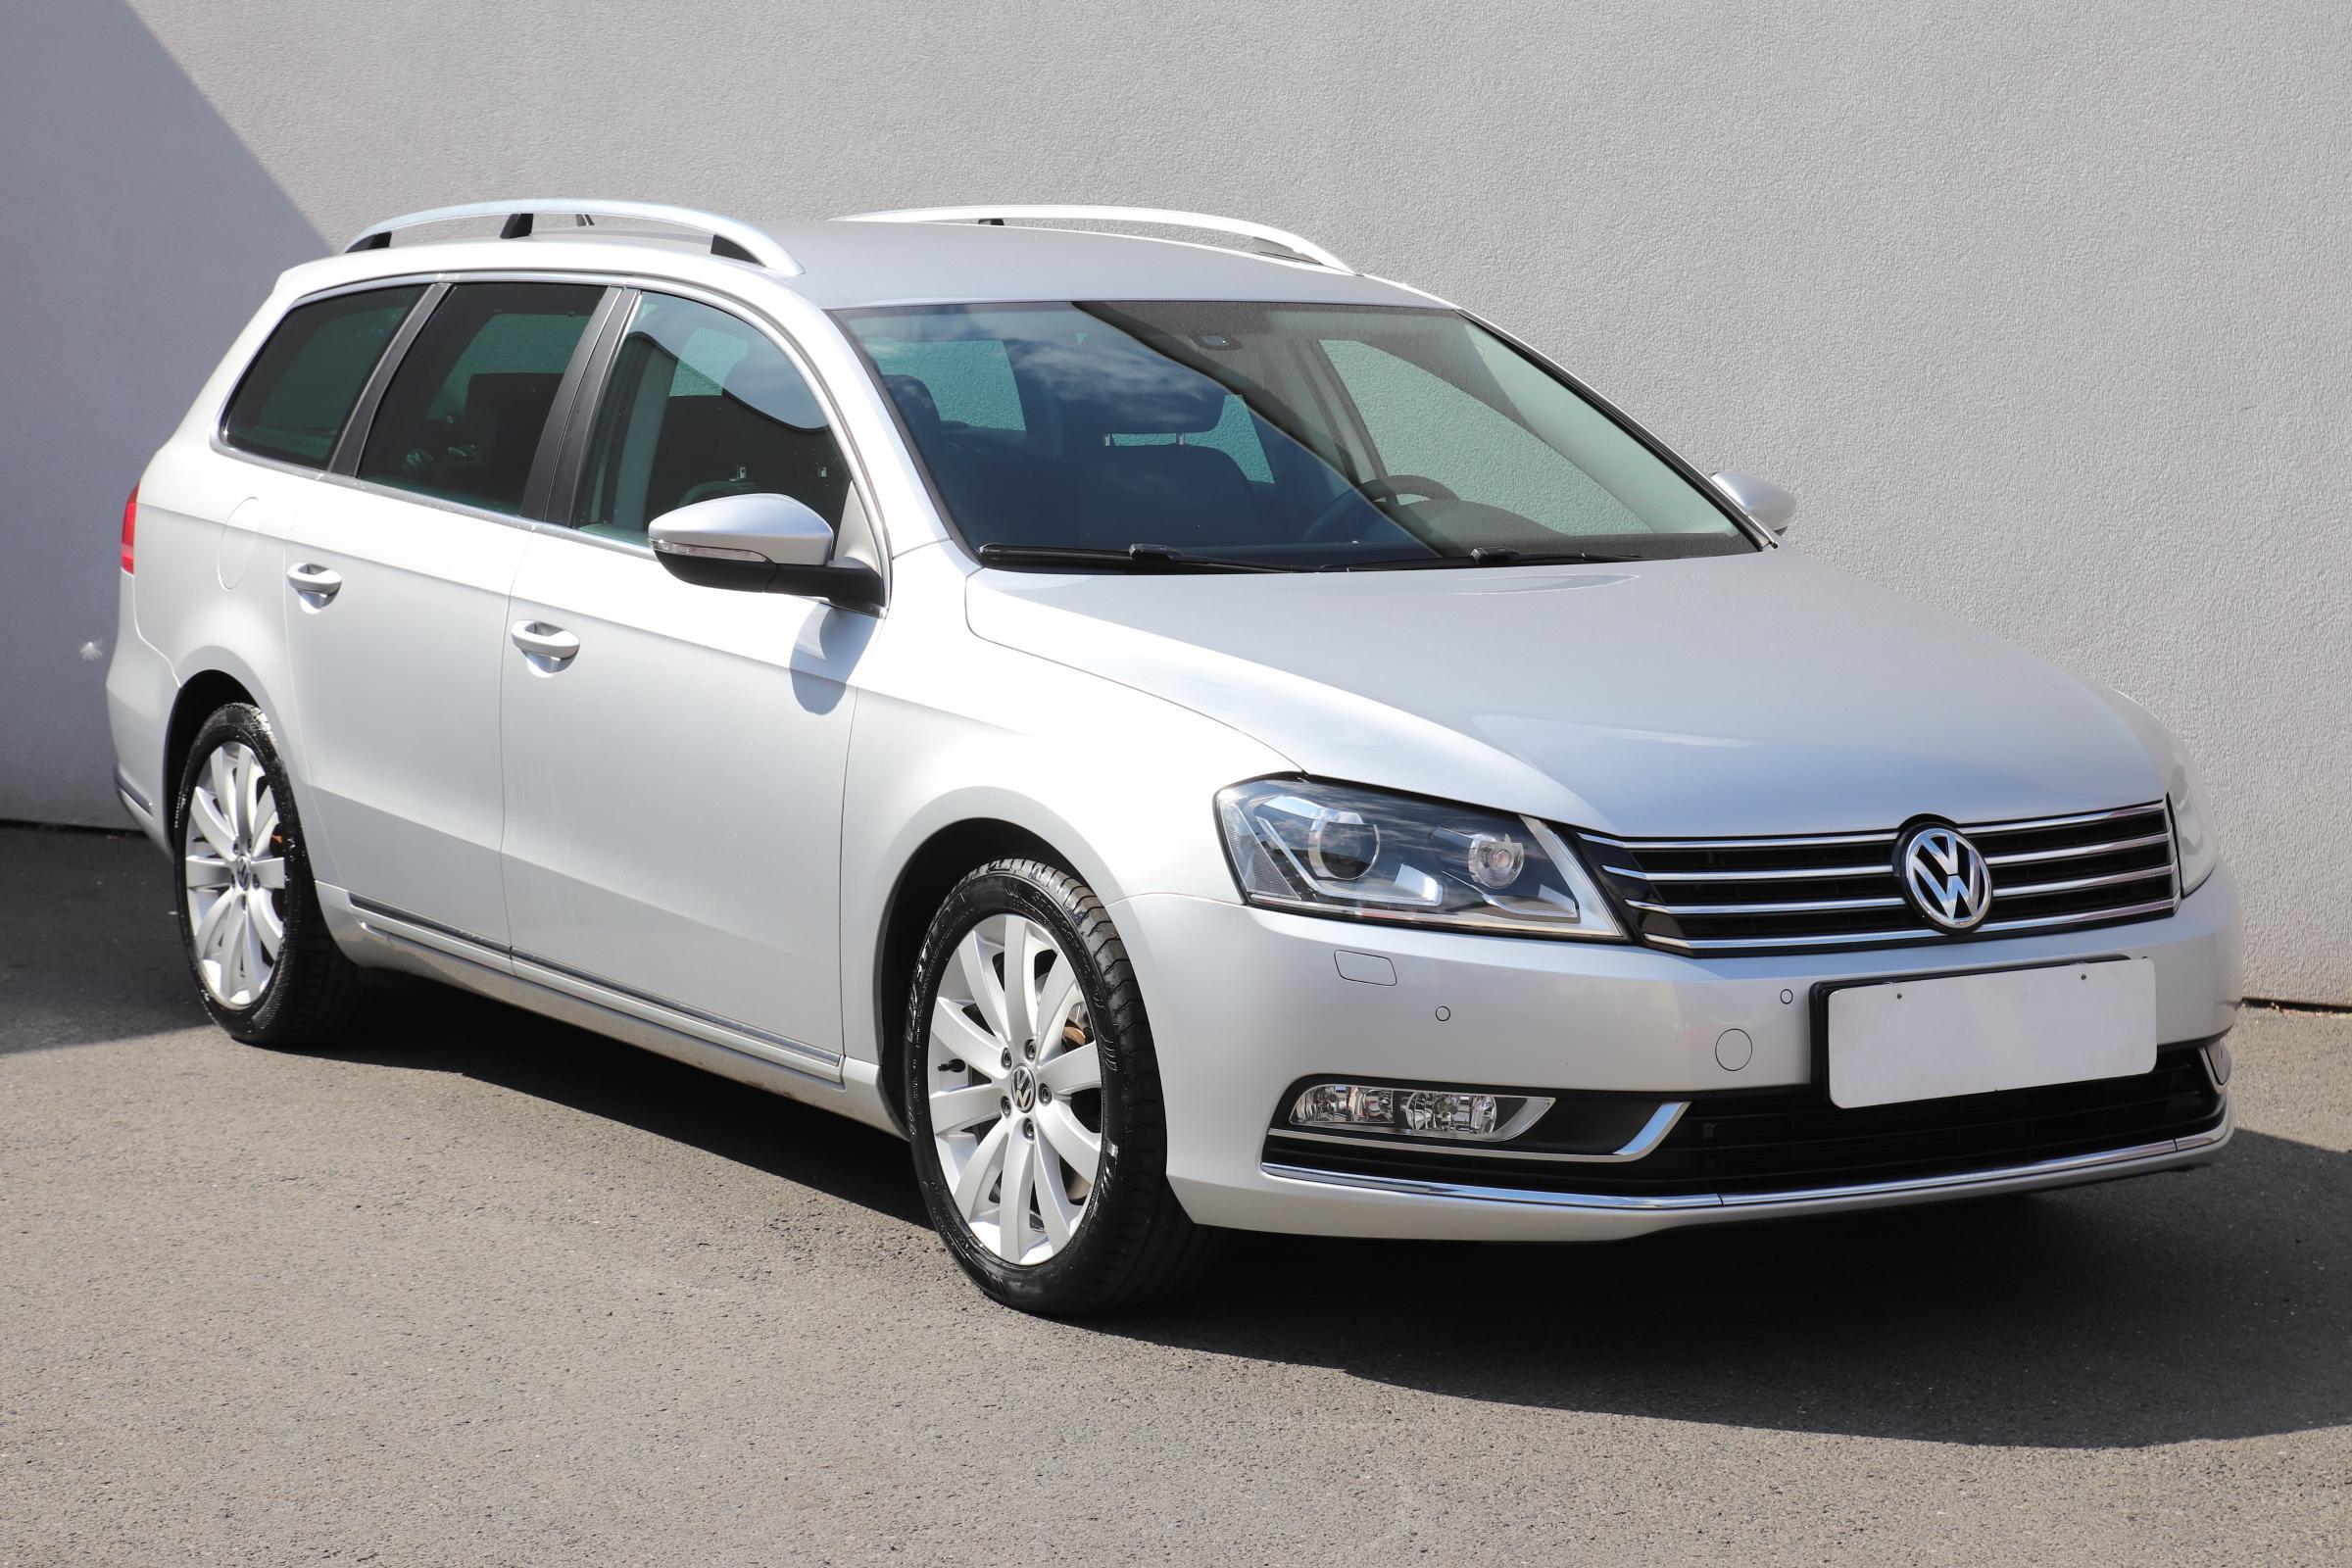 Volkswagen Passat 1.6 TDi Comfortline